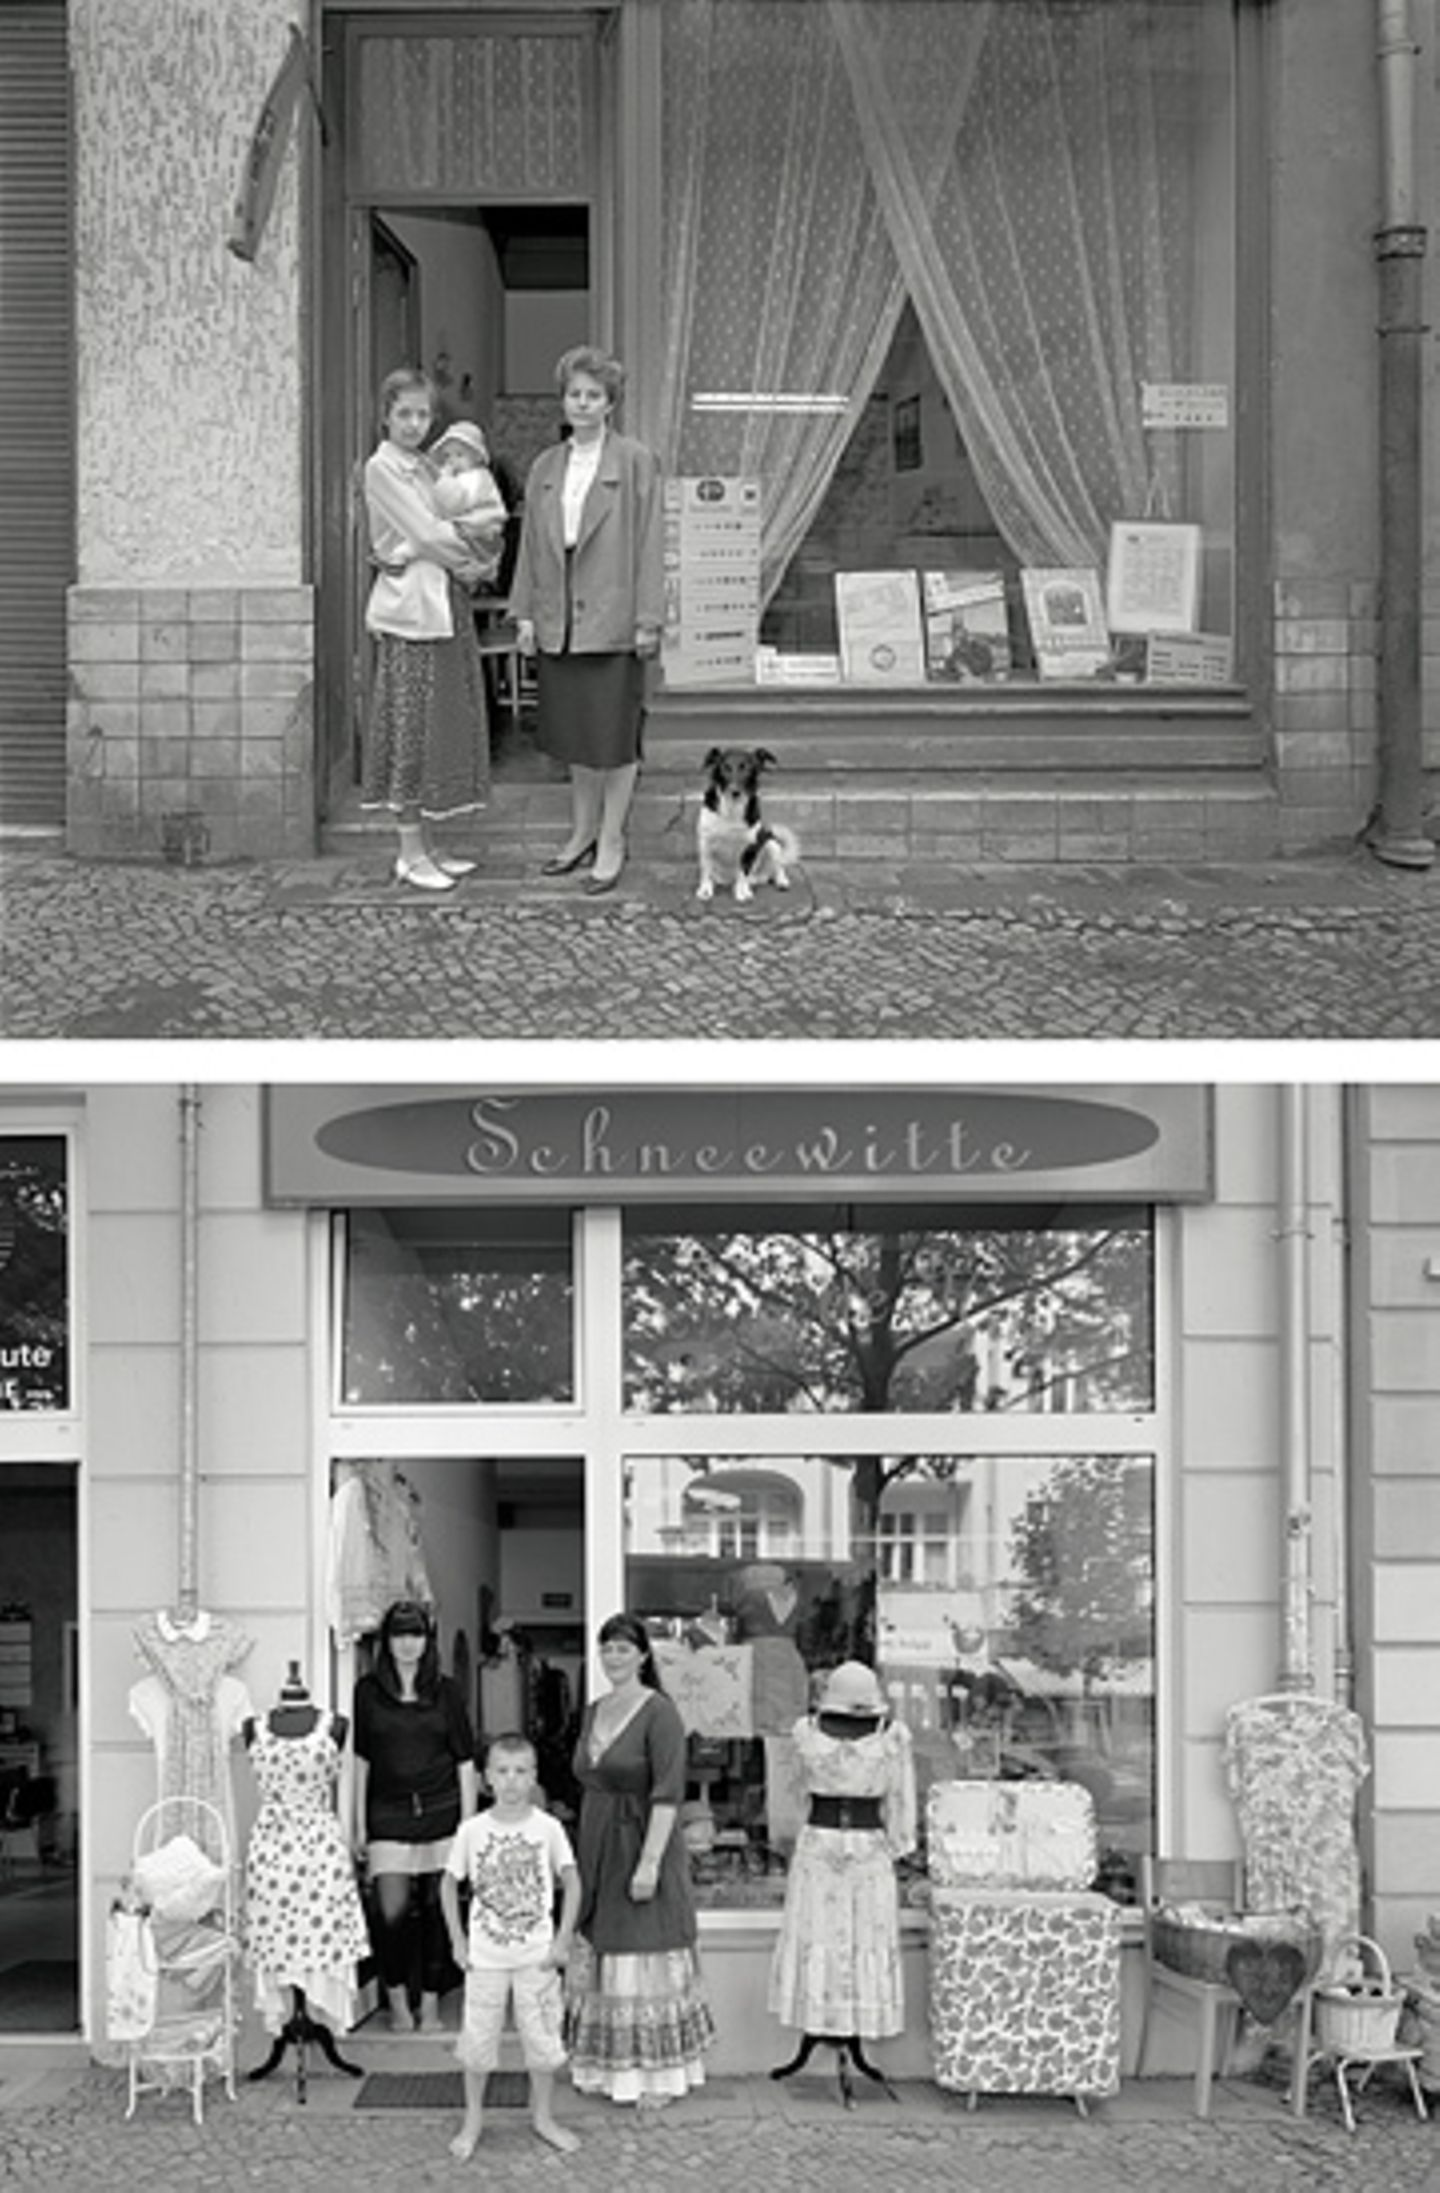 Fotogalerie: Eine deutsche Straße im Wandel - Bild 6